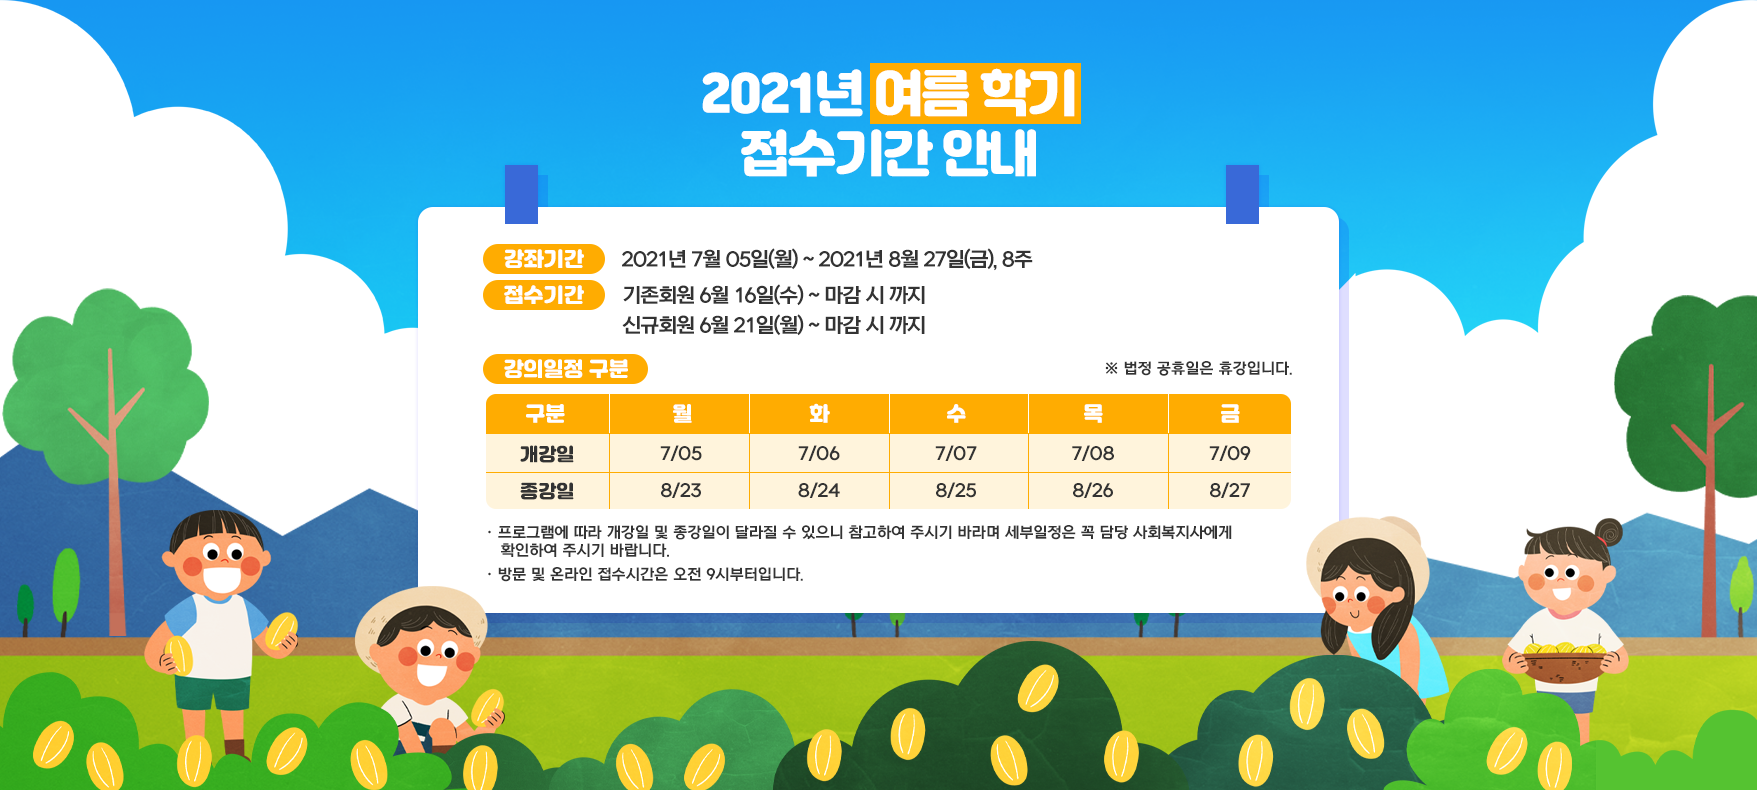 2021년 여름 학기 접수기간안내